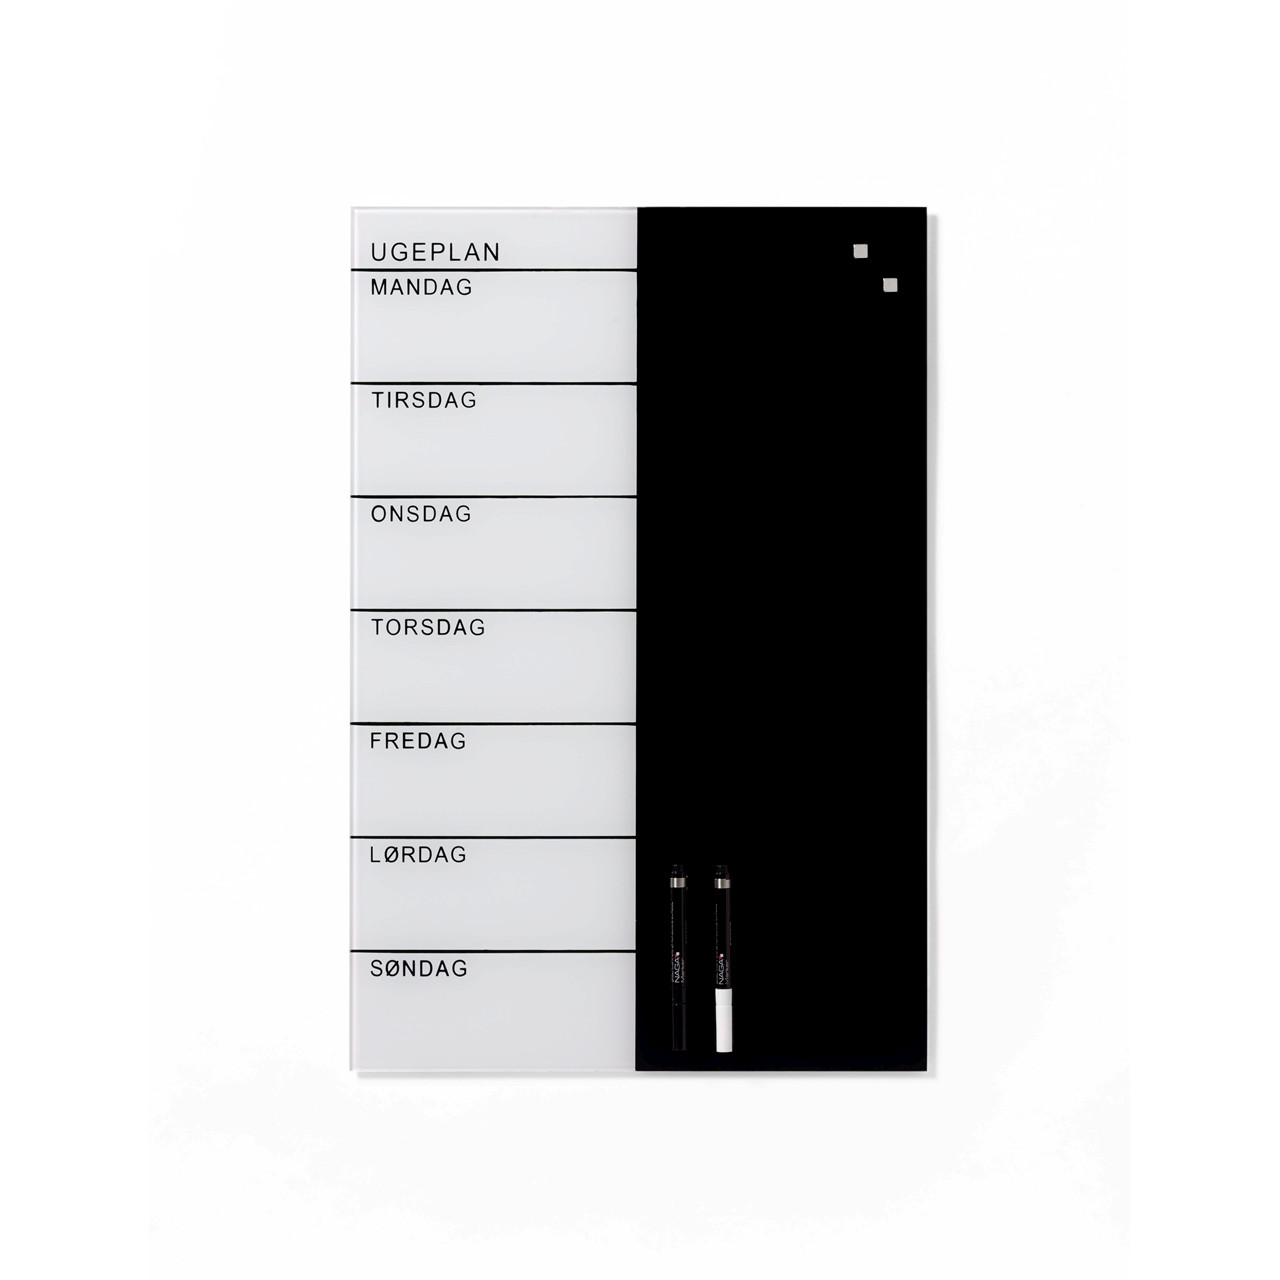 Flot Glastavle Ugeplan - 40 x 60 cm - Magnetisk Naga ugeplanner - Køb AN-04